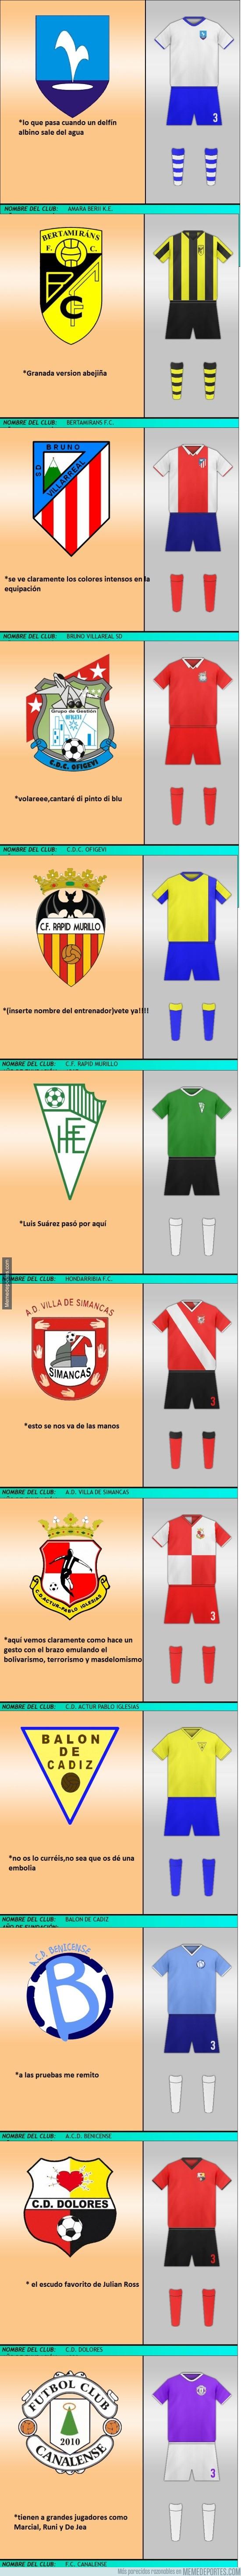 858795 - Los 12 escudos más WTF del fútbol español